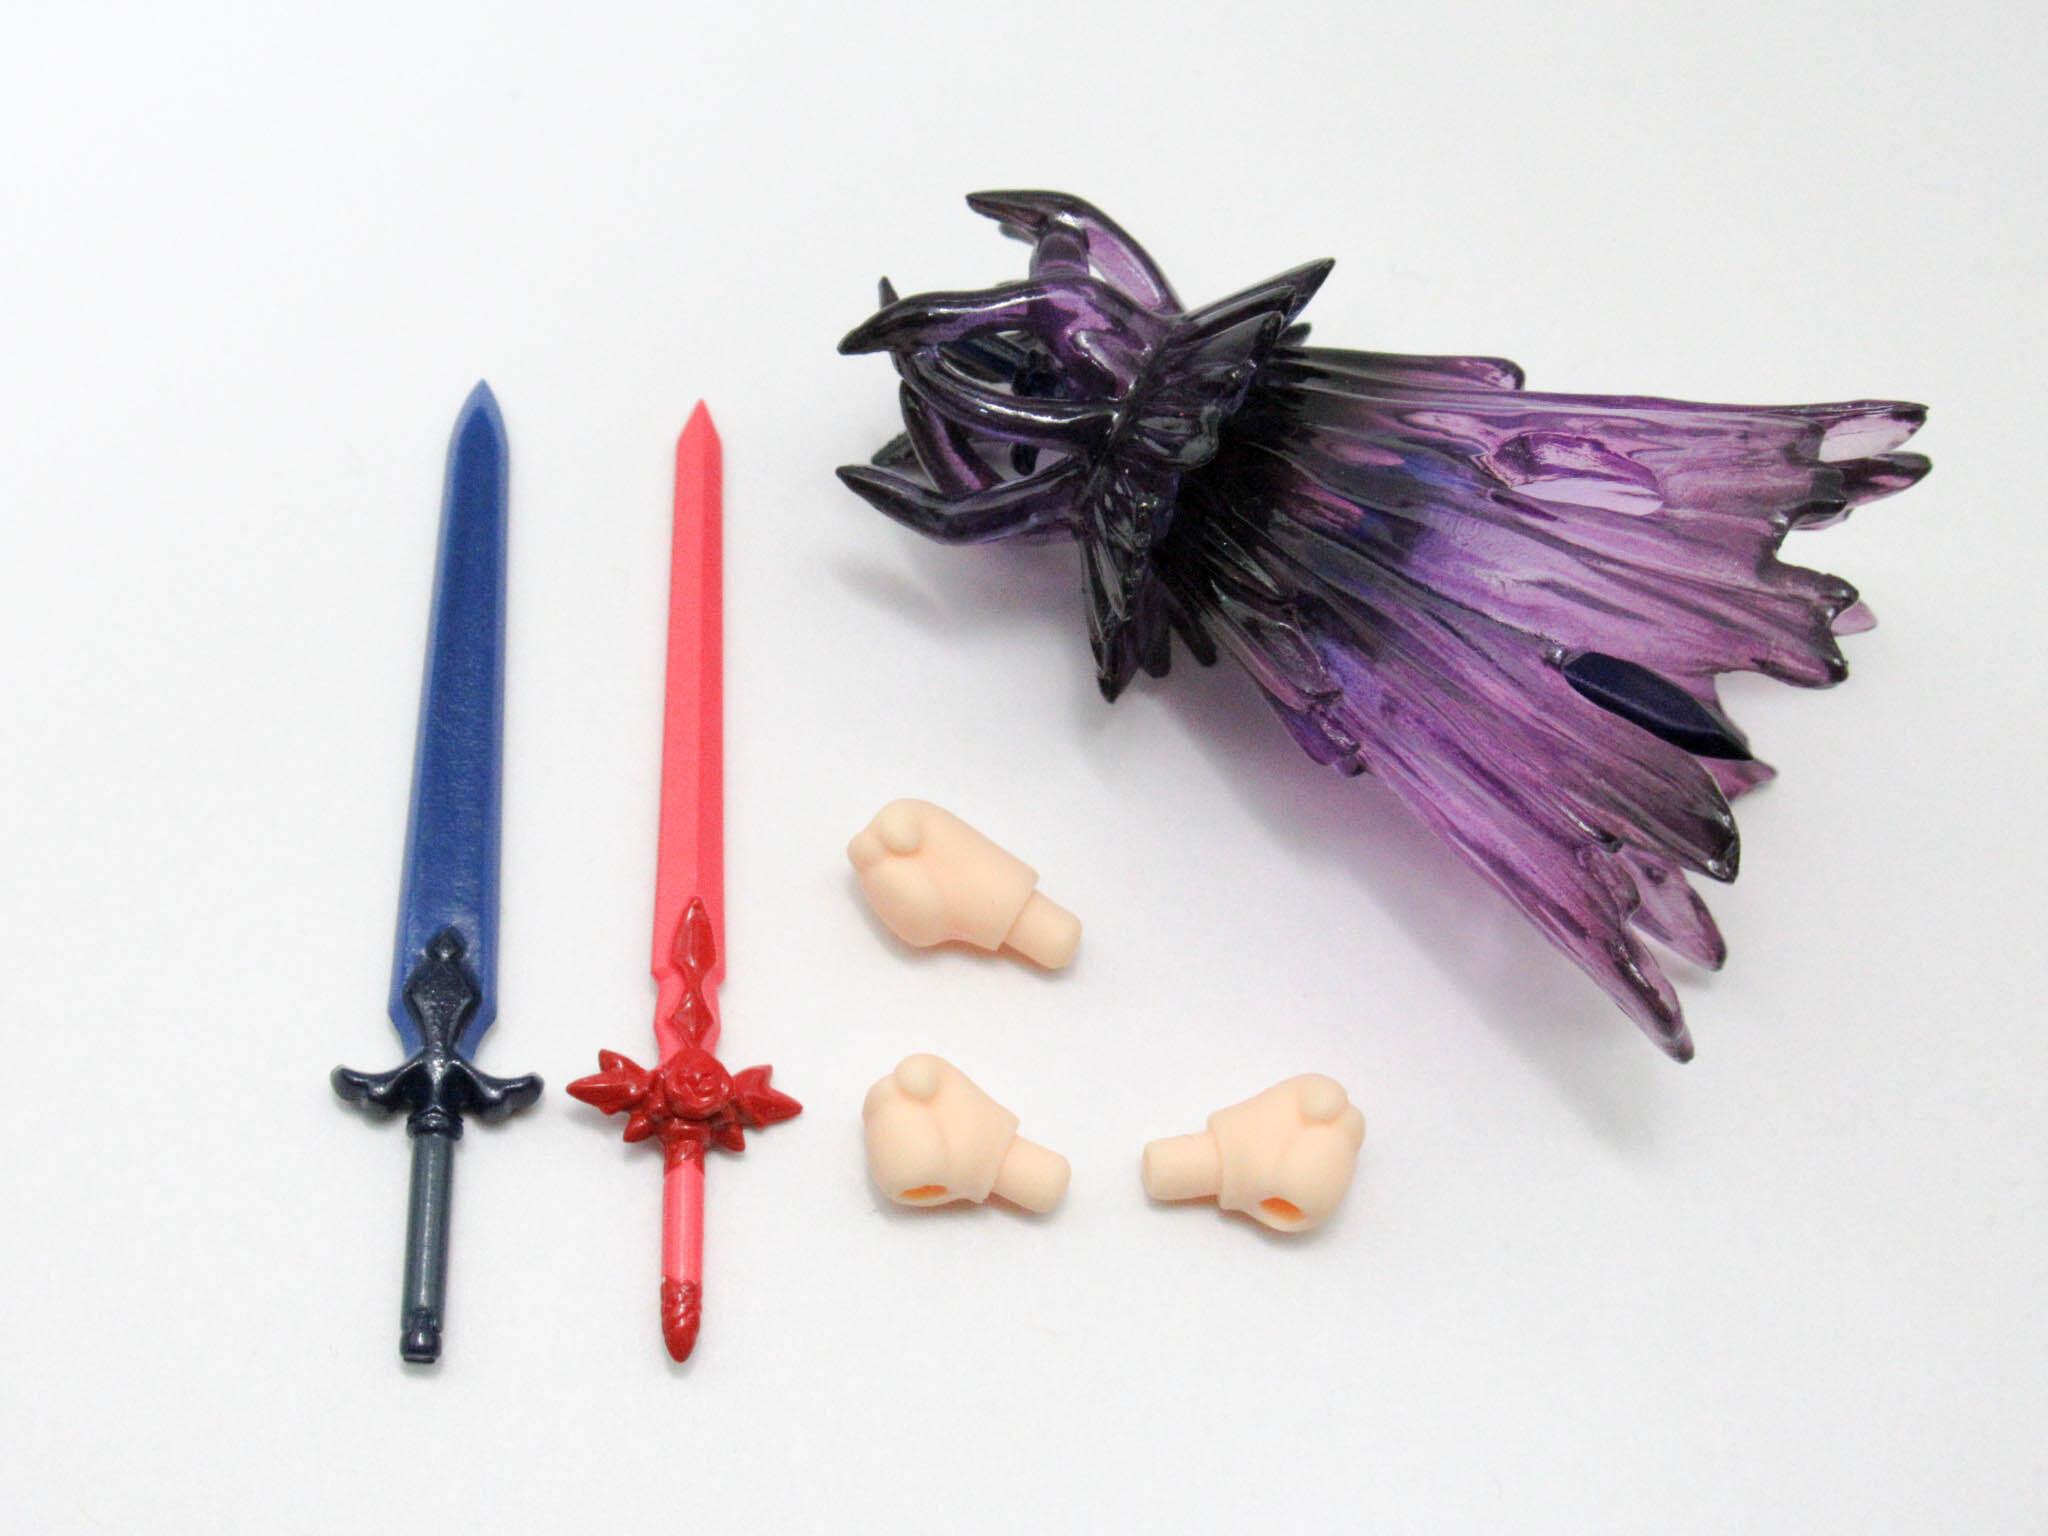 【1138】 キリト 上級修剣士Ver. 小物パーツ 剣とエフェクト ねんどろいど